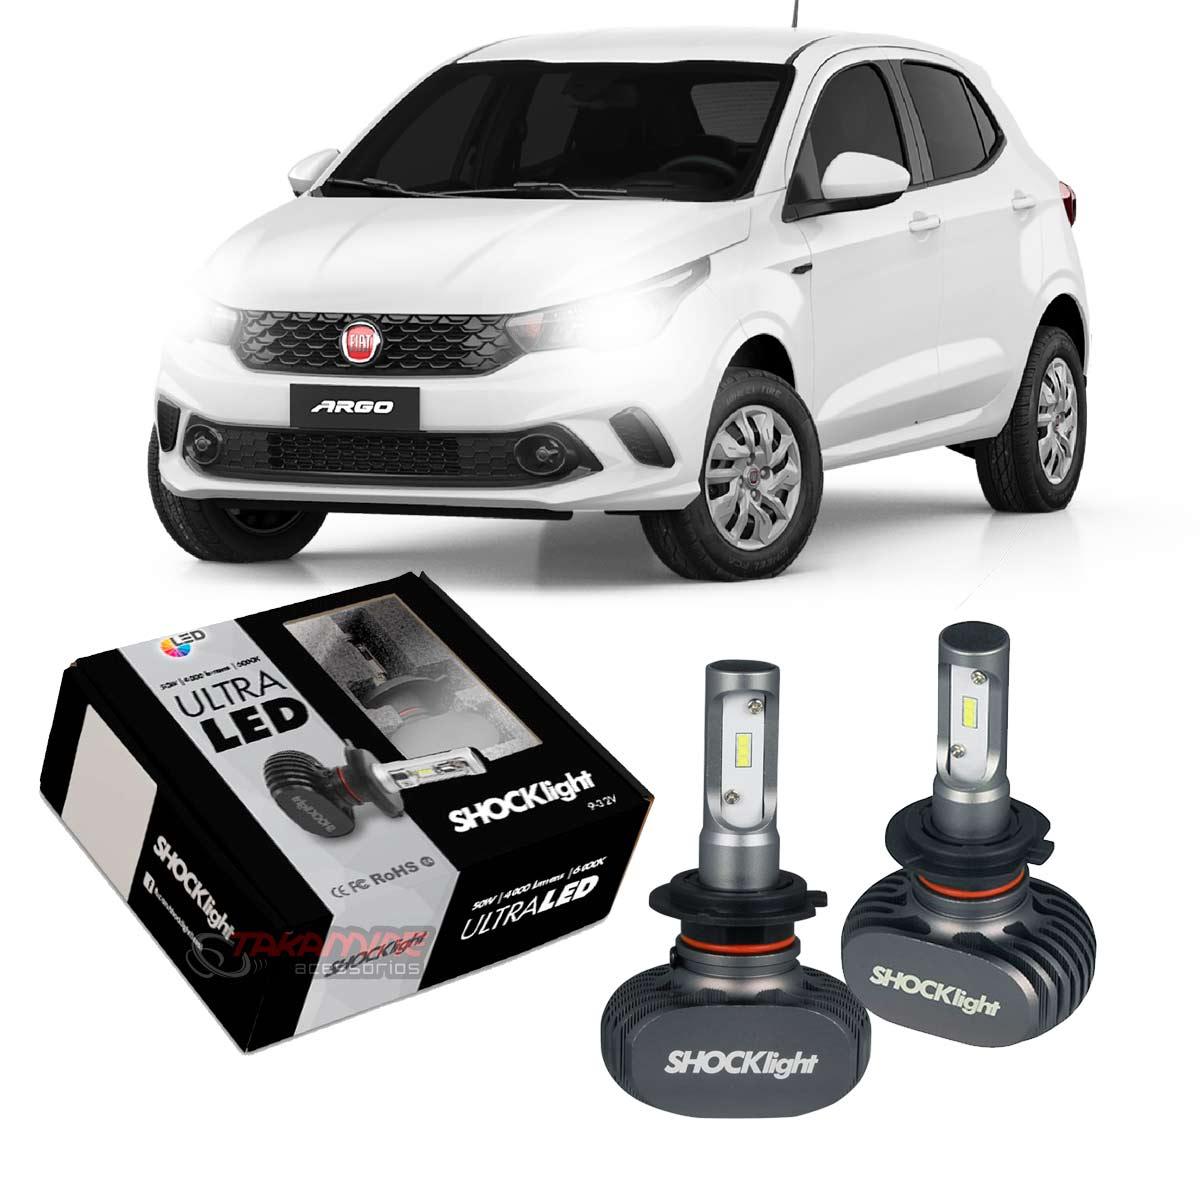 Kit Ultra LED Argo 2017 2018 2019 2020 tipo xenon farol baixo H7 50W